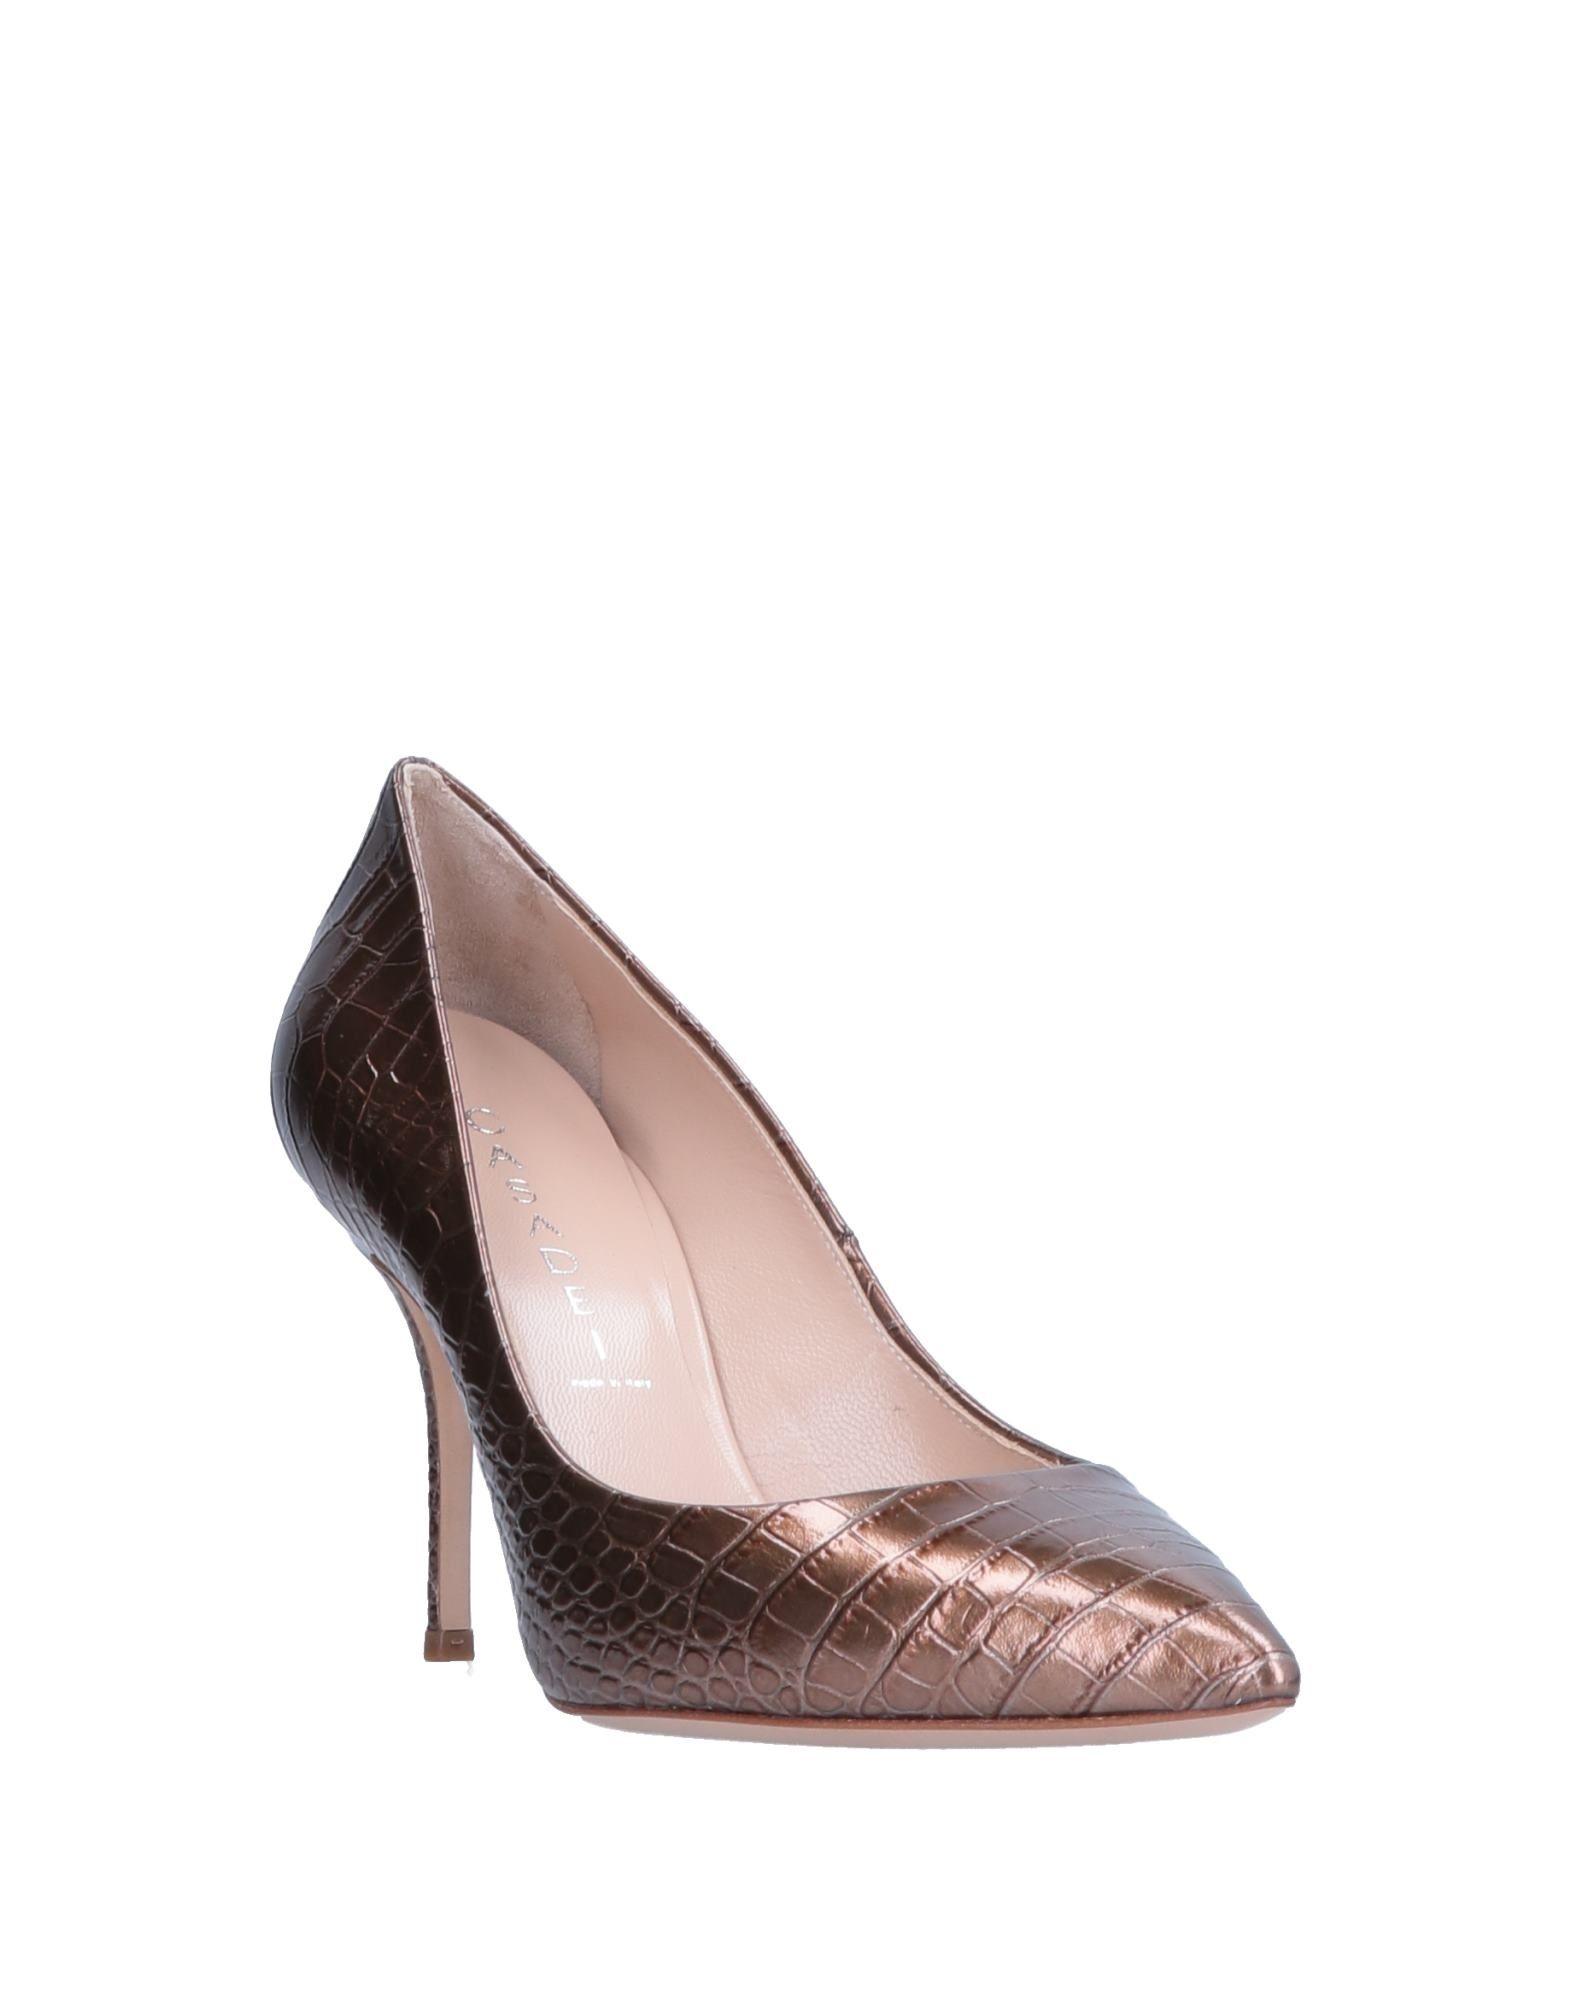 Rabatt Schuhe Pumps Casadei Pumps Schuhe Damen  11544181VH 69b1c0